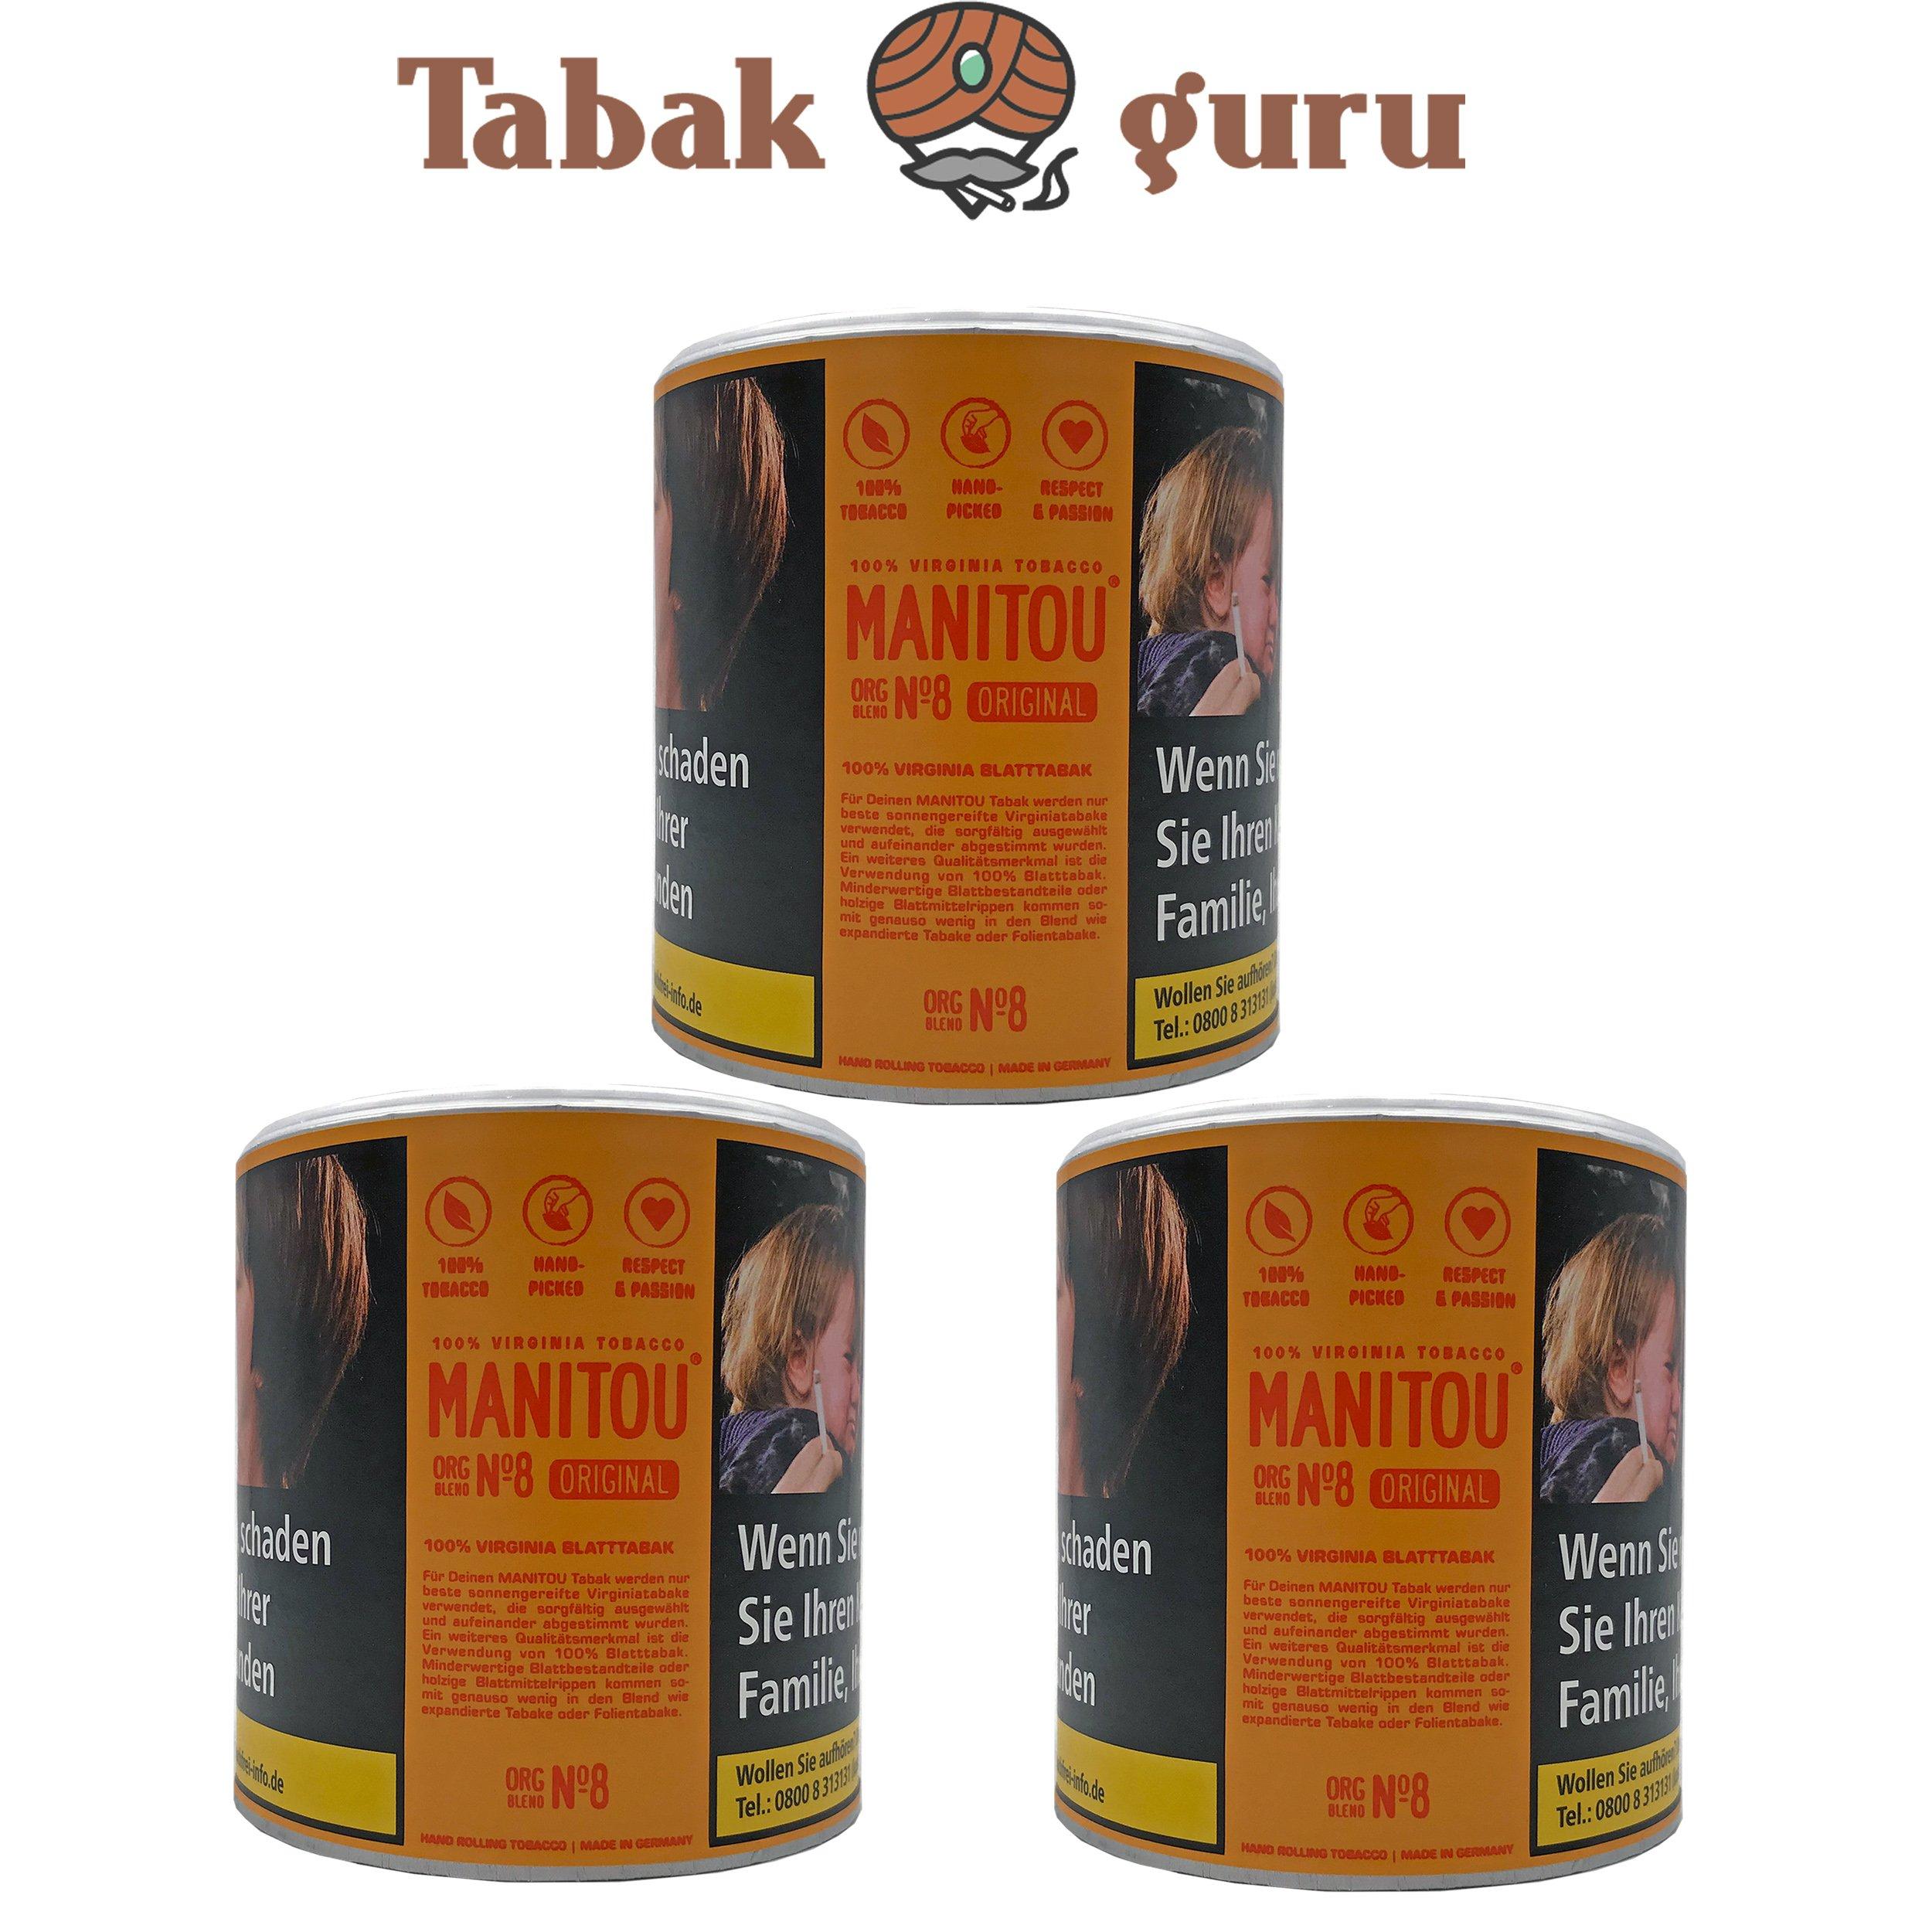 3x Manitou Orginal Blend No.8 80g Dose Drehtabak Zigarettentabak